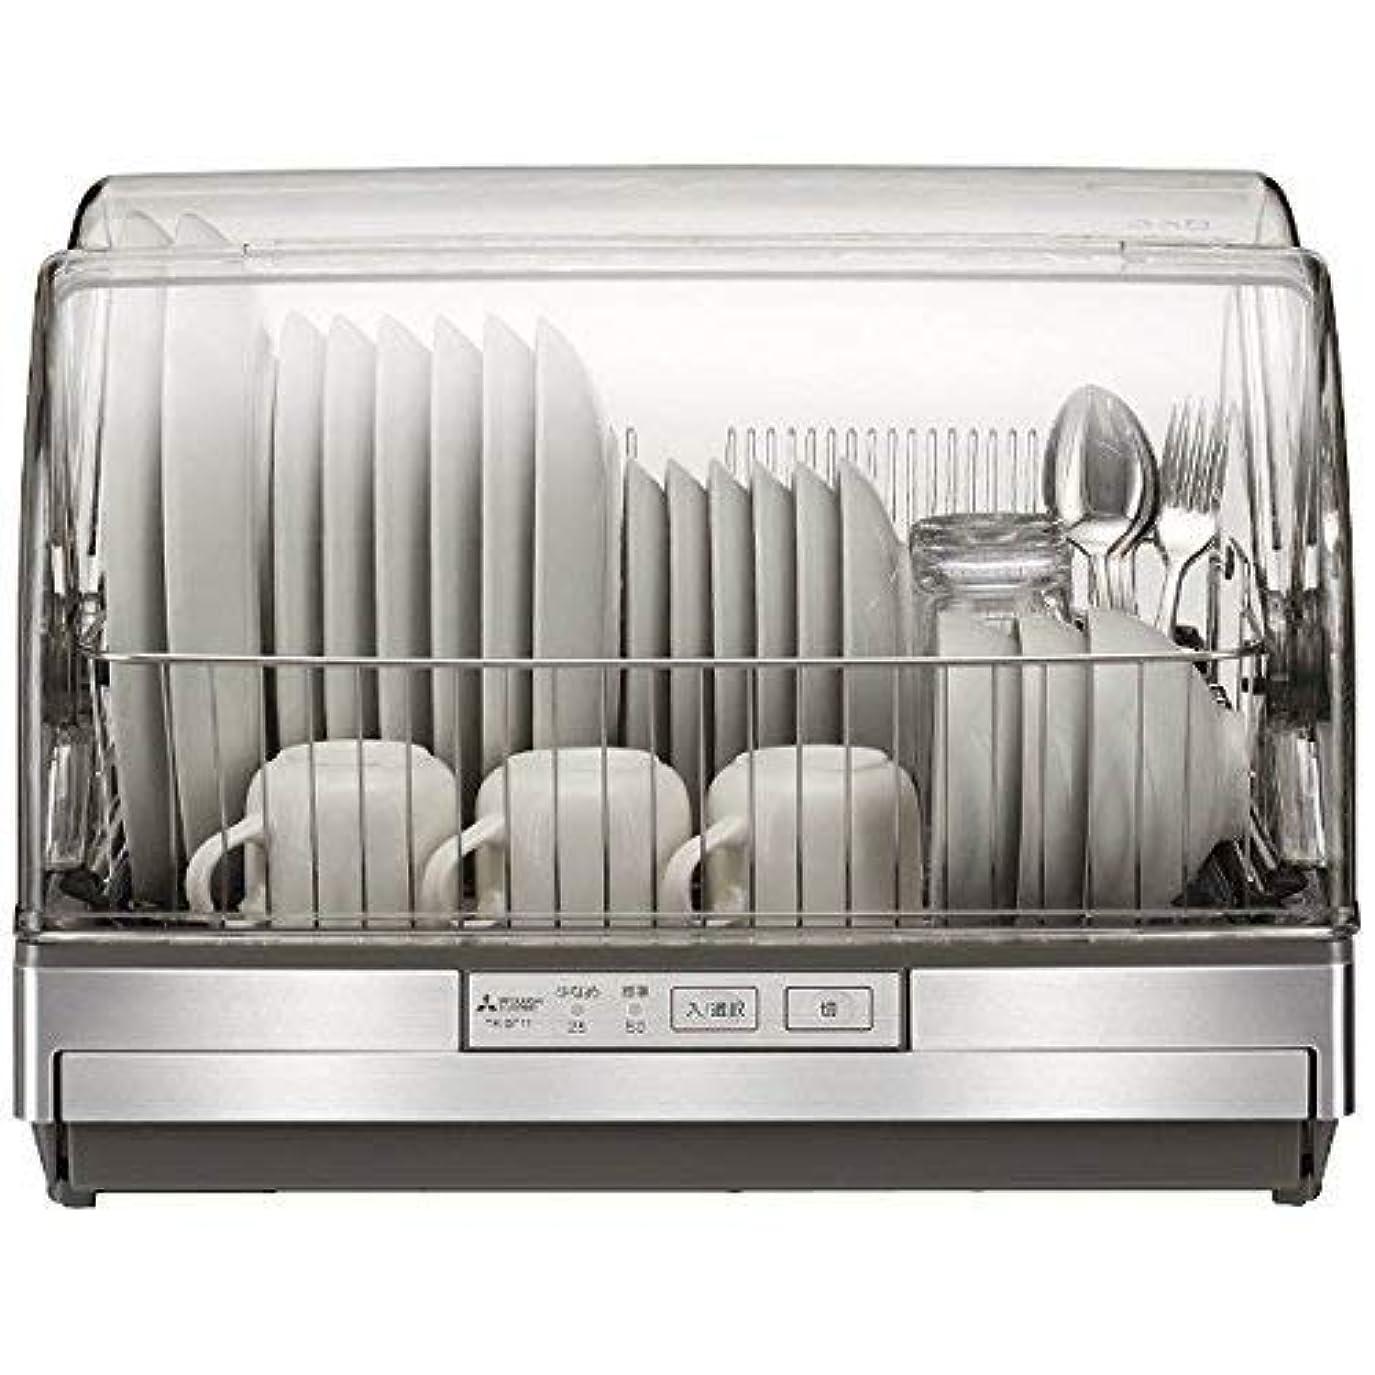 コードガム若い三菱 食器乾燥器 ステンレスグレーMITSUBISHI キッチンドライヤー TK-ST11-H